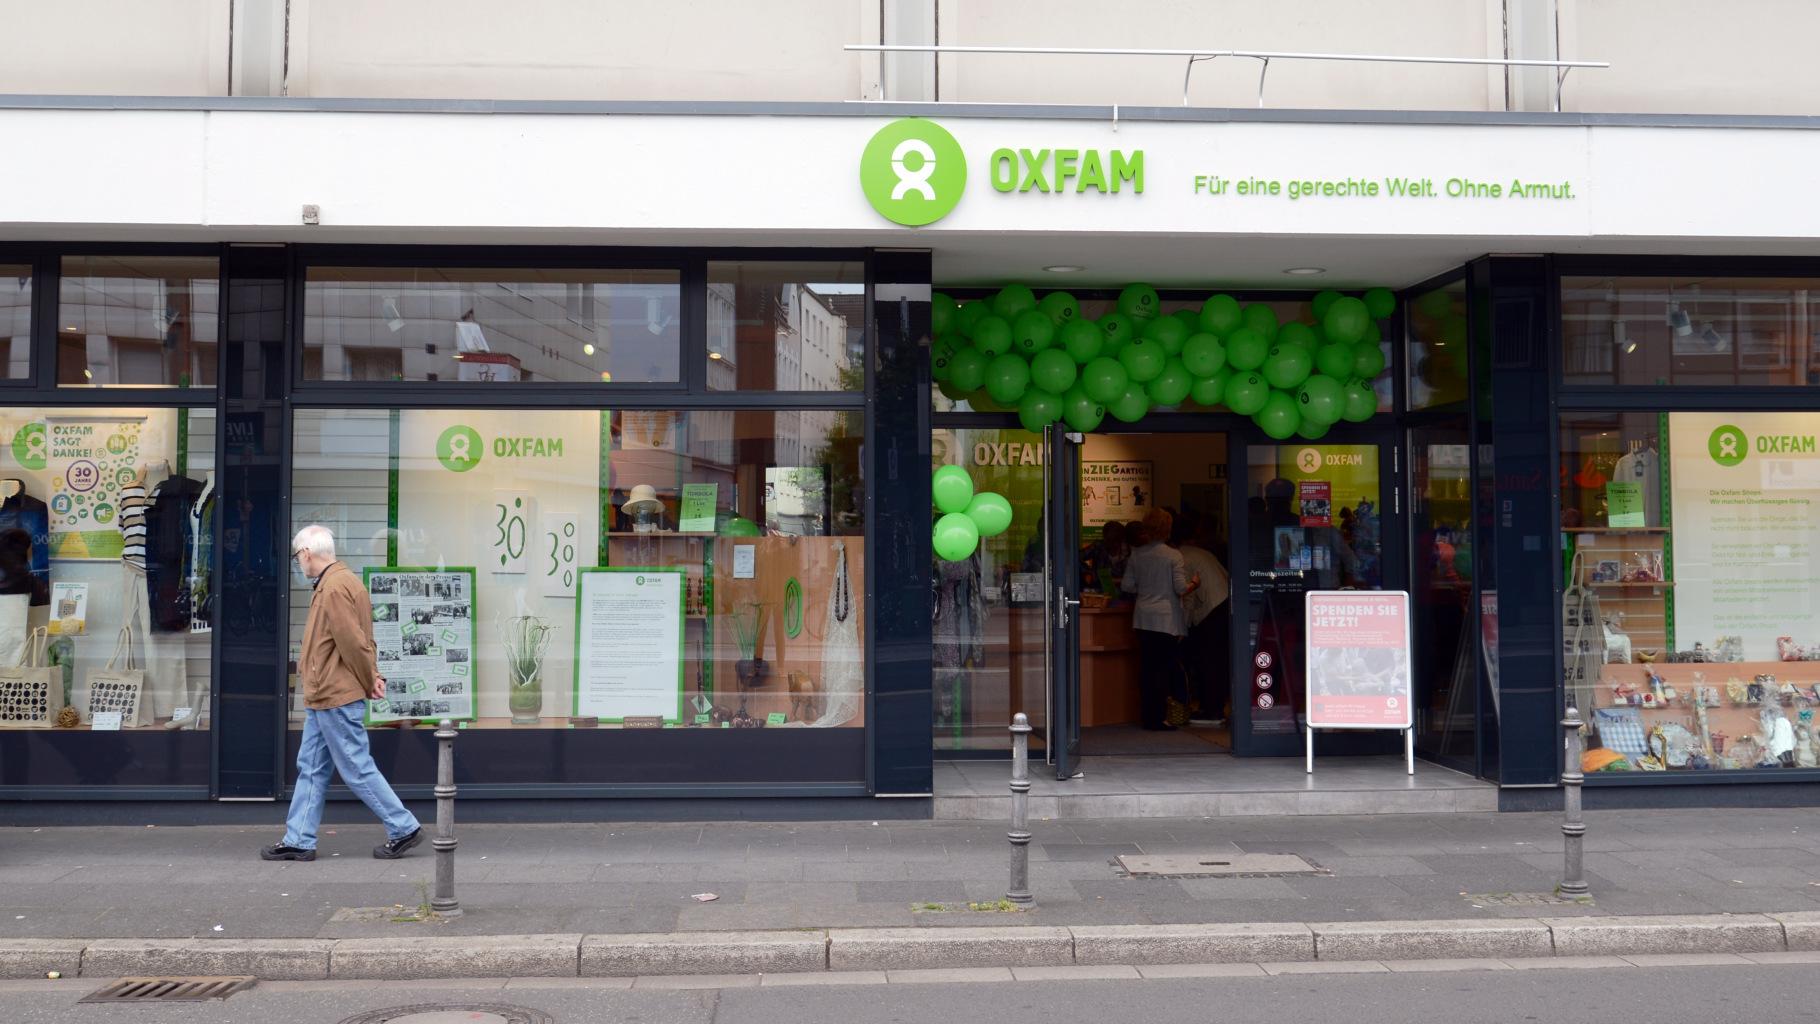 Oxfam Shop Bonn - Außenansicht